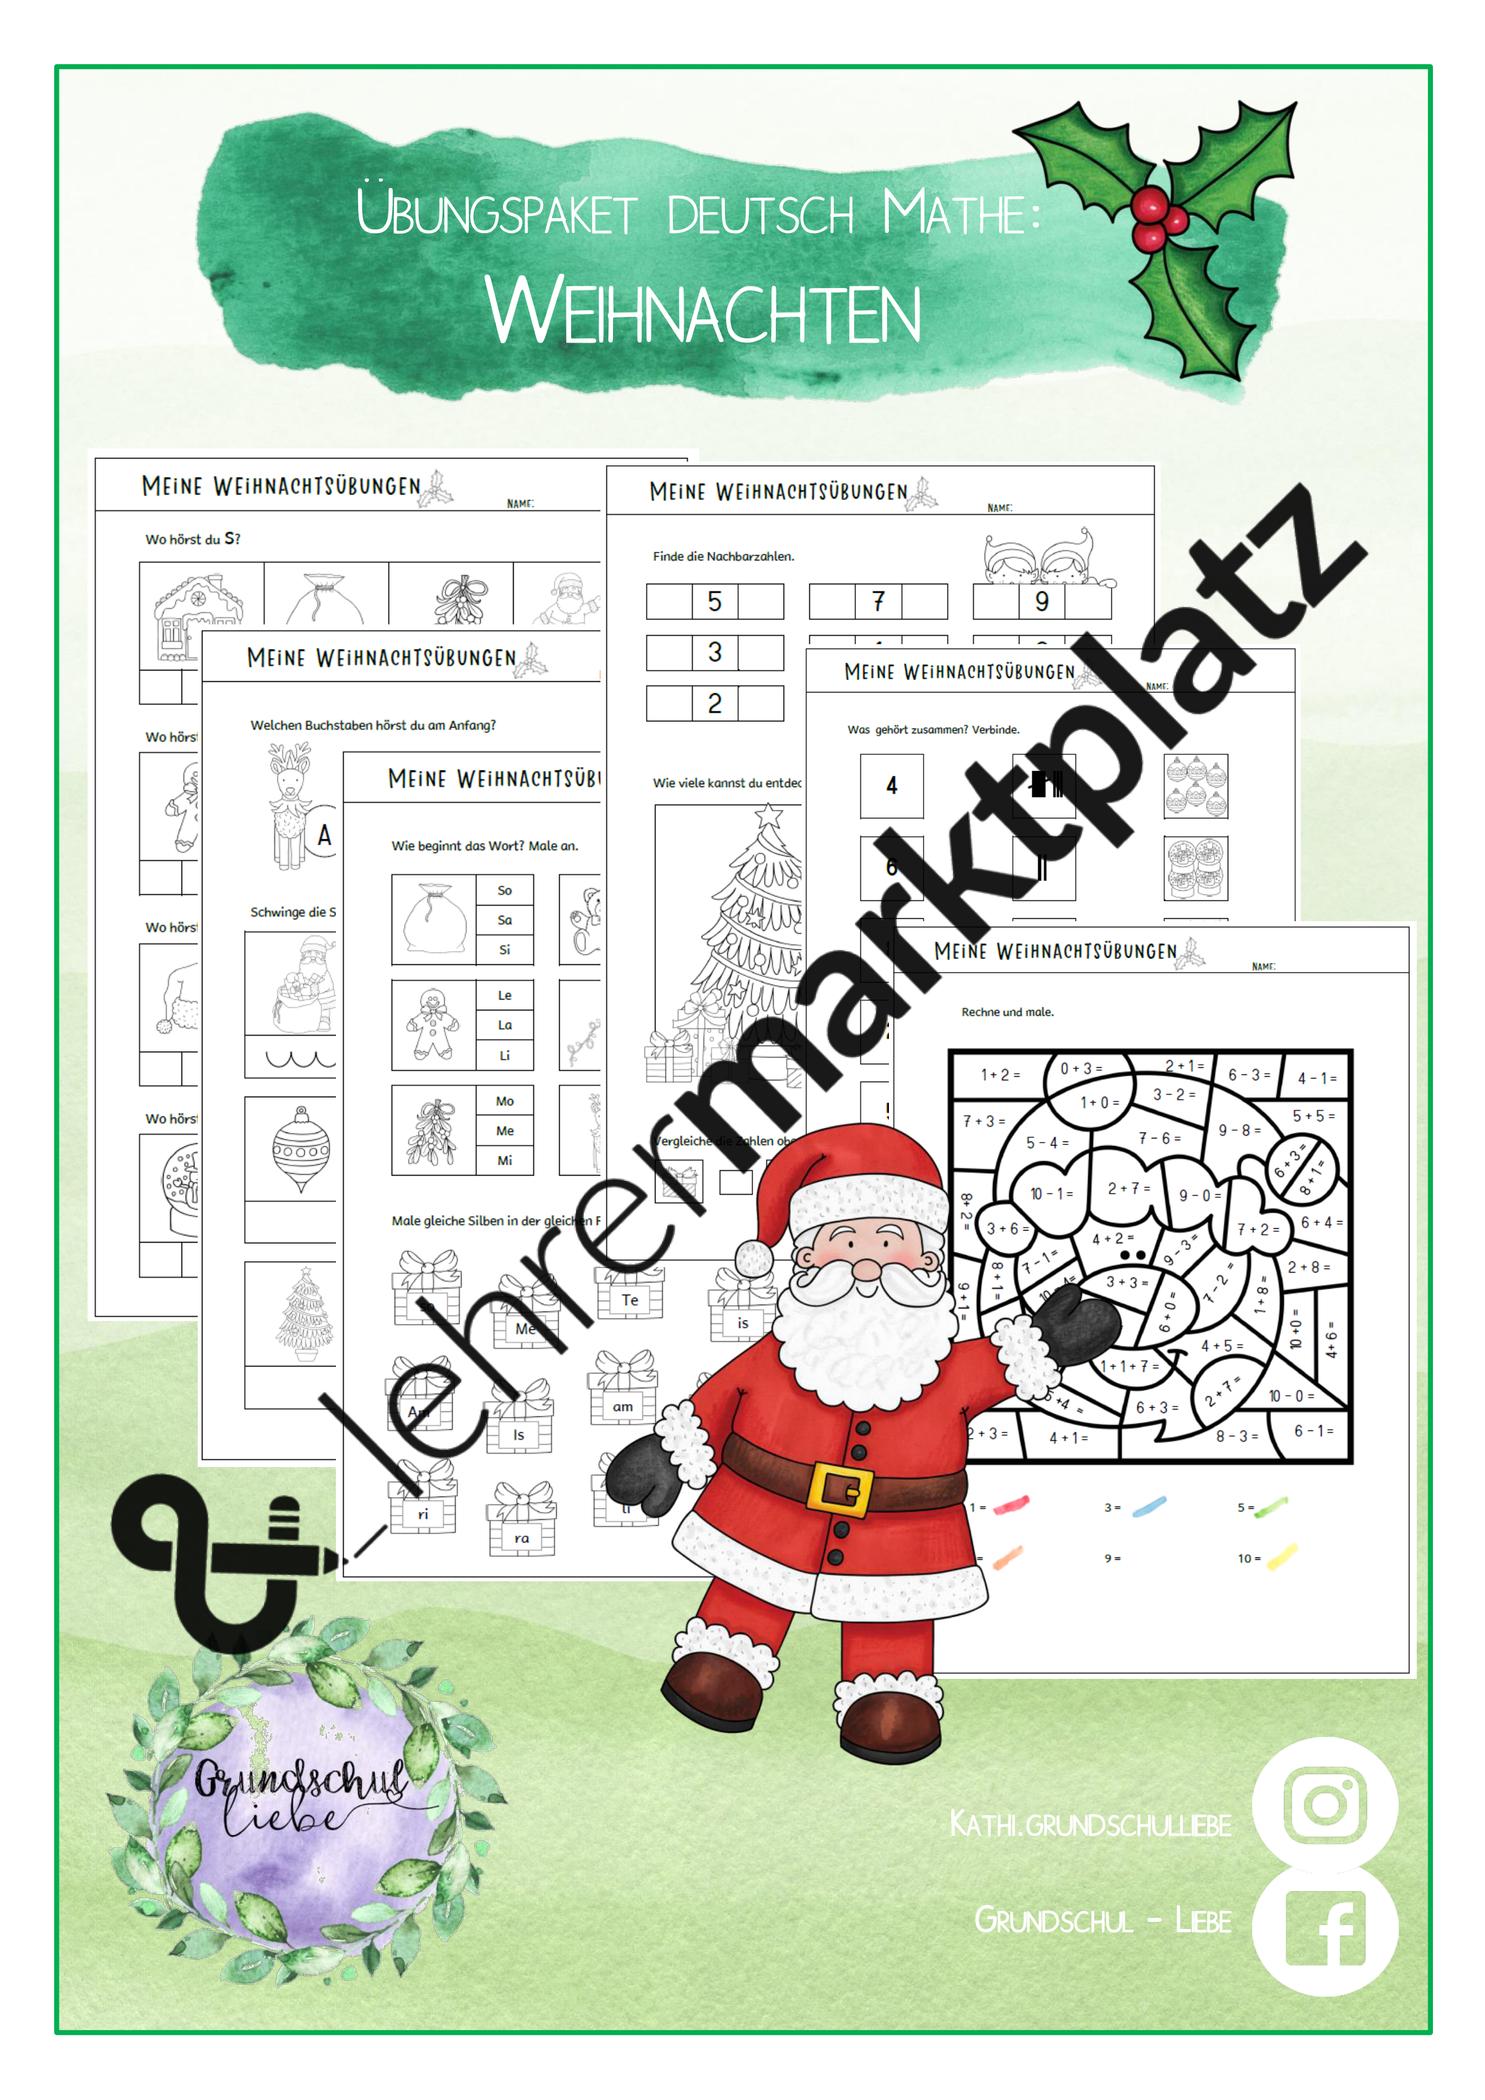 Meine Weihnachtsubungen Deutsch Und Mathematik 1 Klasse Unterrichtsmaterial In Den Fachern Deutsch Fachubergreifendes Mathematik Mathematik Erste Klasse Hausubung